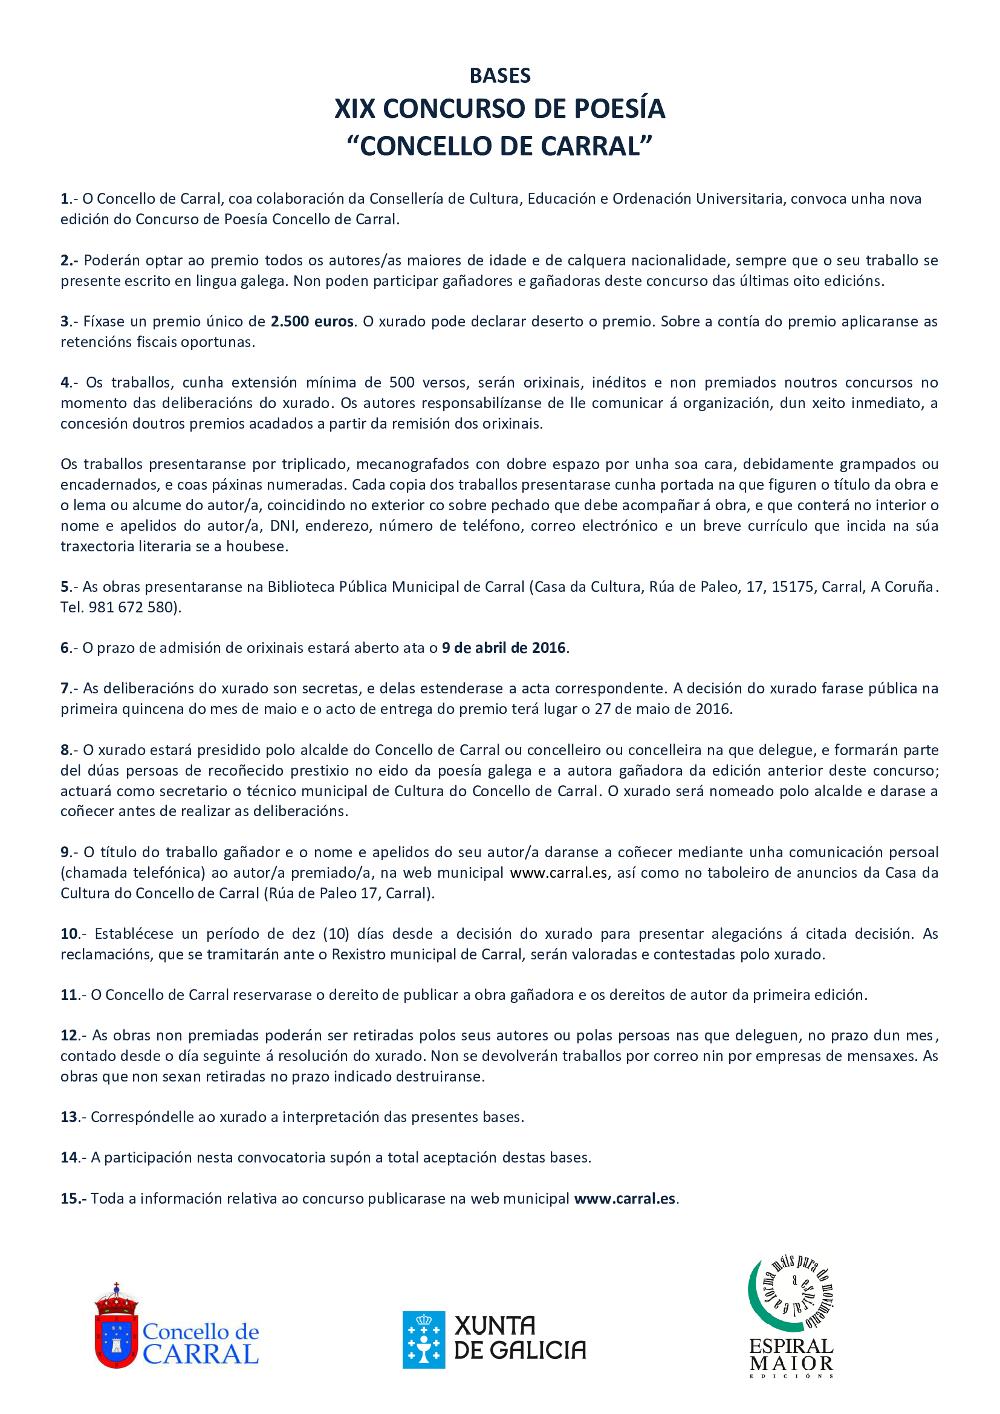 Bases_XIX_Concurso_de_Poes_a_Concello_de_Carral_